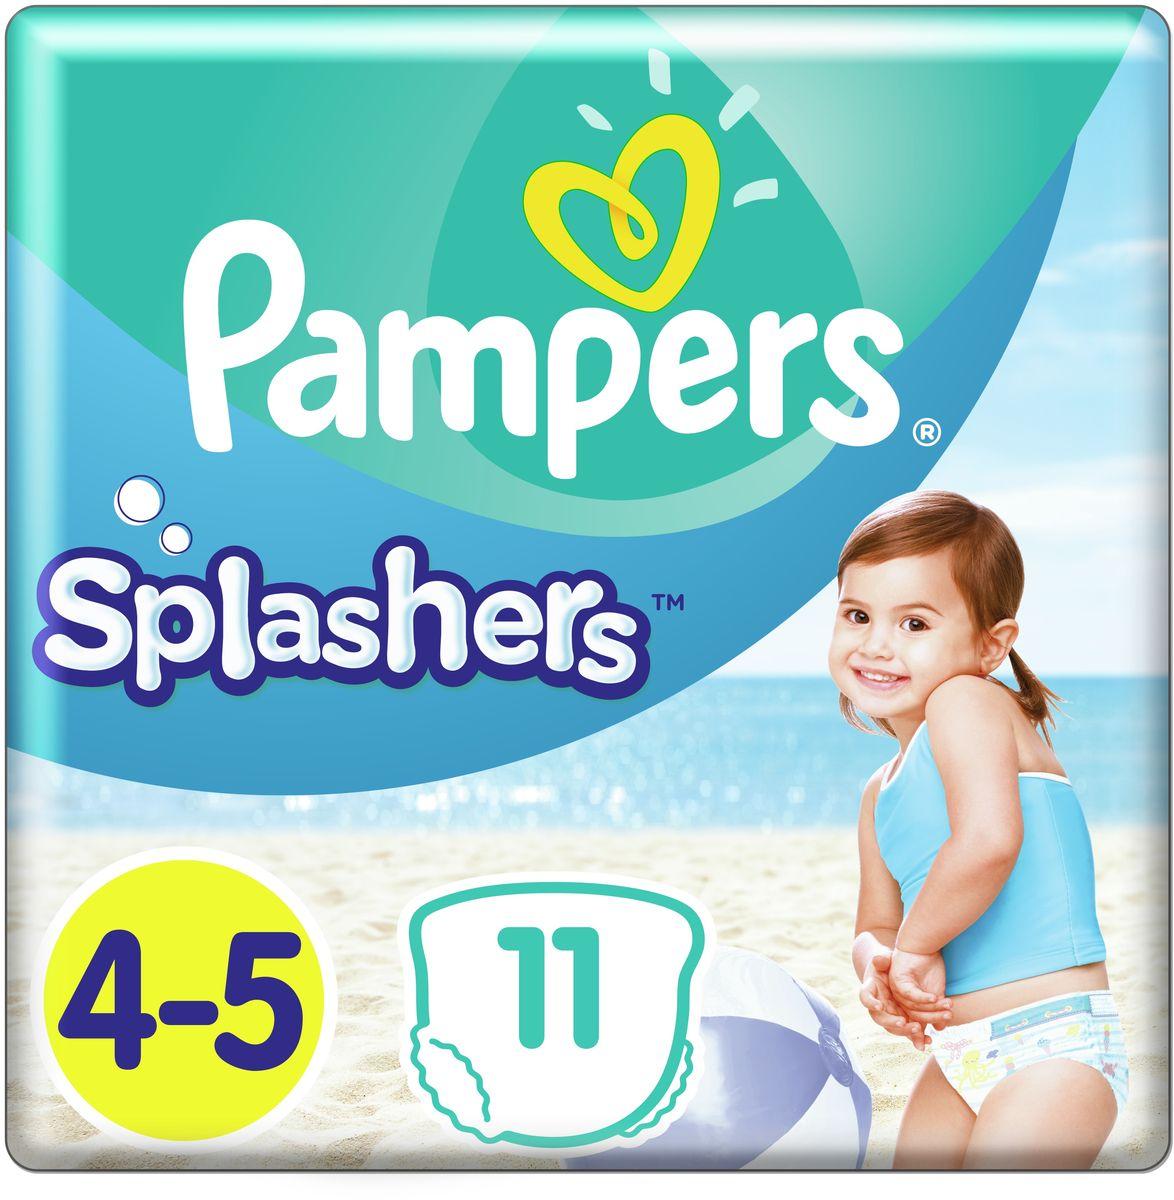 Pampers Трусики для плавания Splashers 9-16 кг (размер 4-5) 11 шт -  Подгузники и пеленки